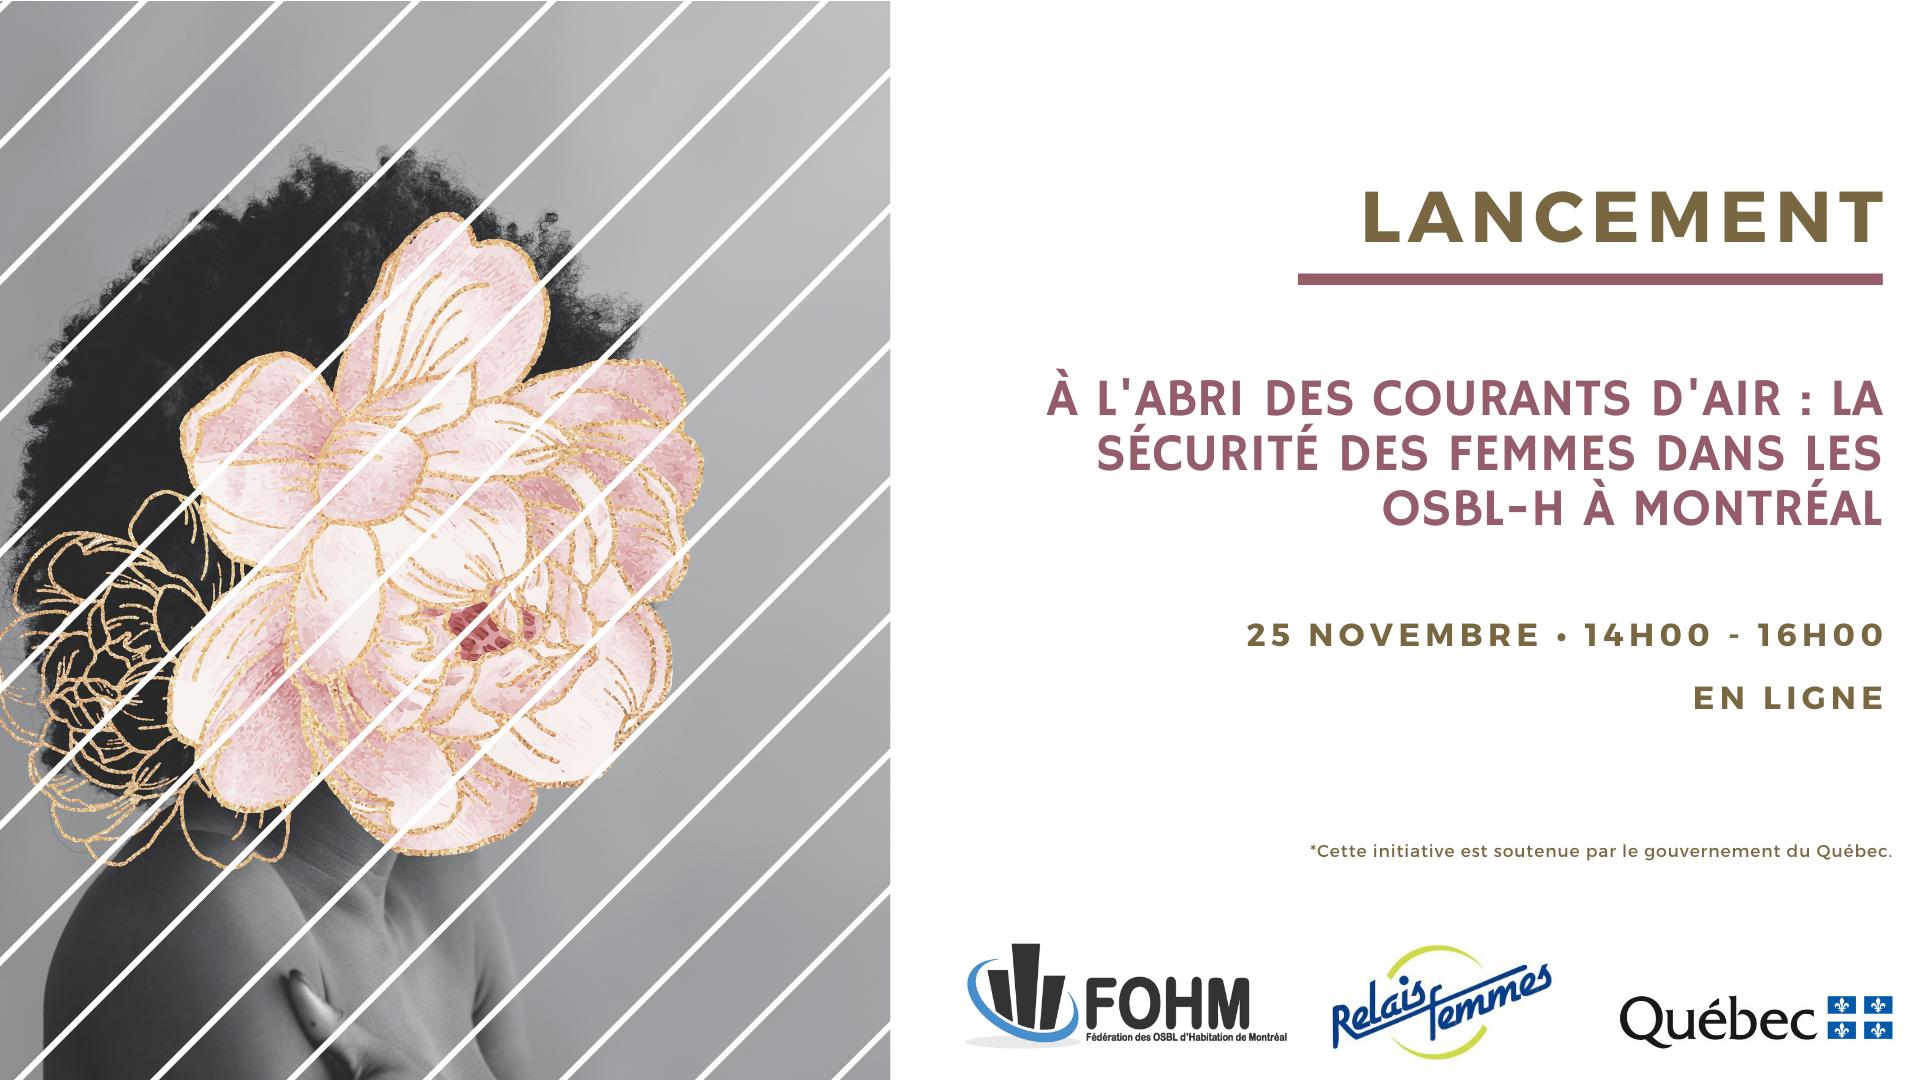 Lancement : À l'abri des courants d'airs, la sécurité des femmes dans les OSBL d'habitation pour personnes seules à Montréal